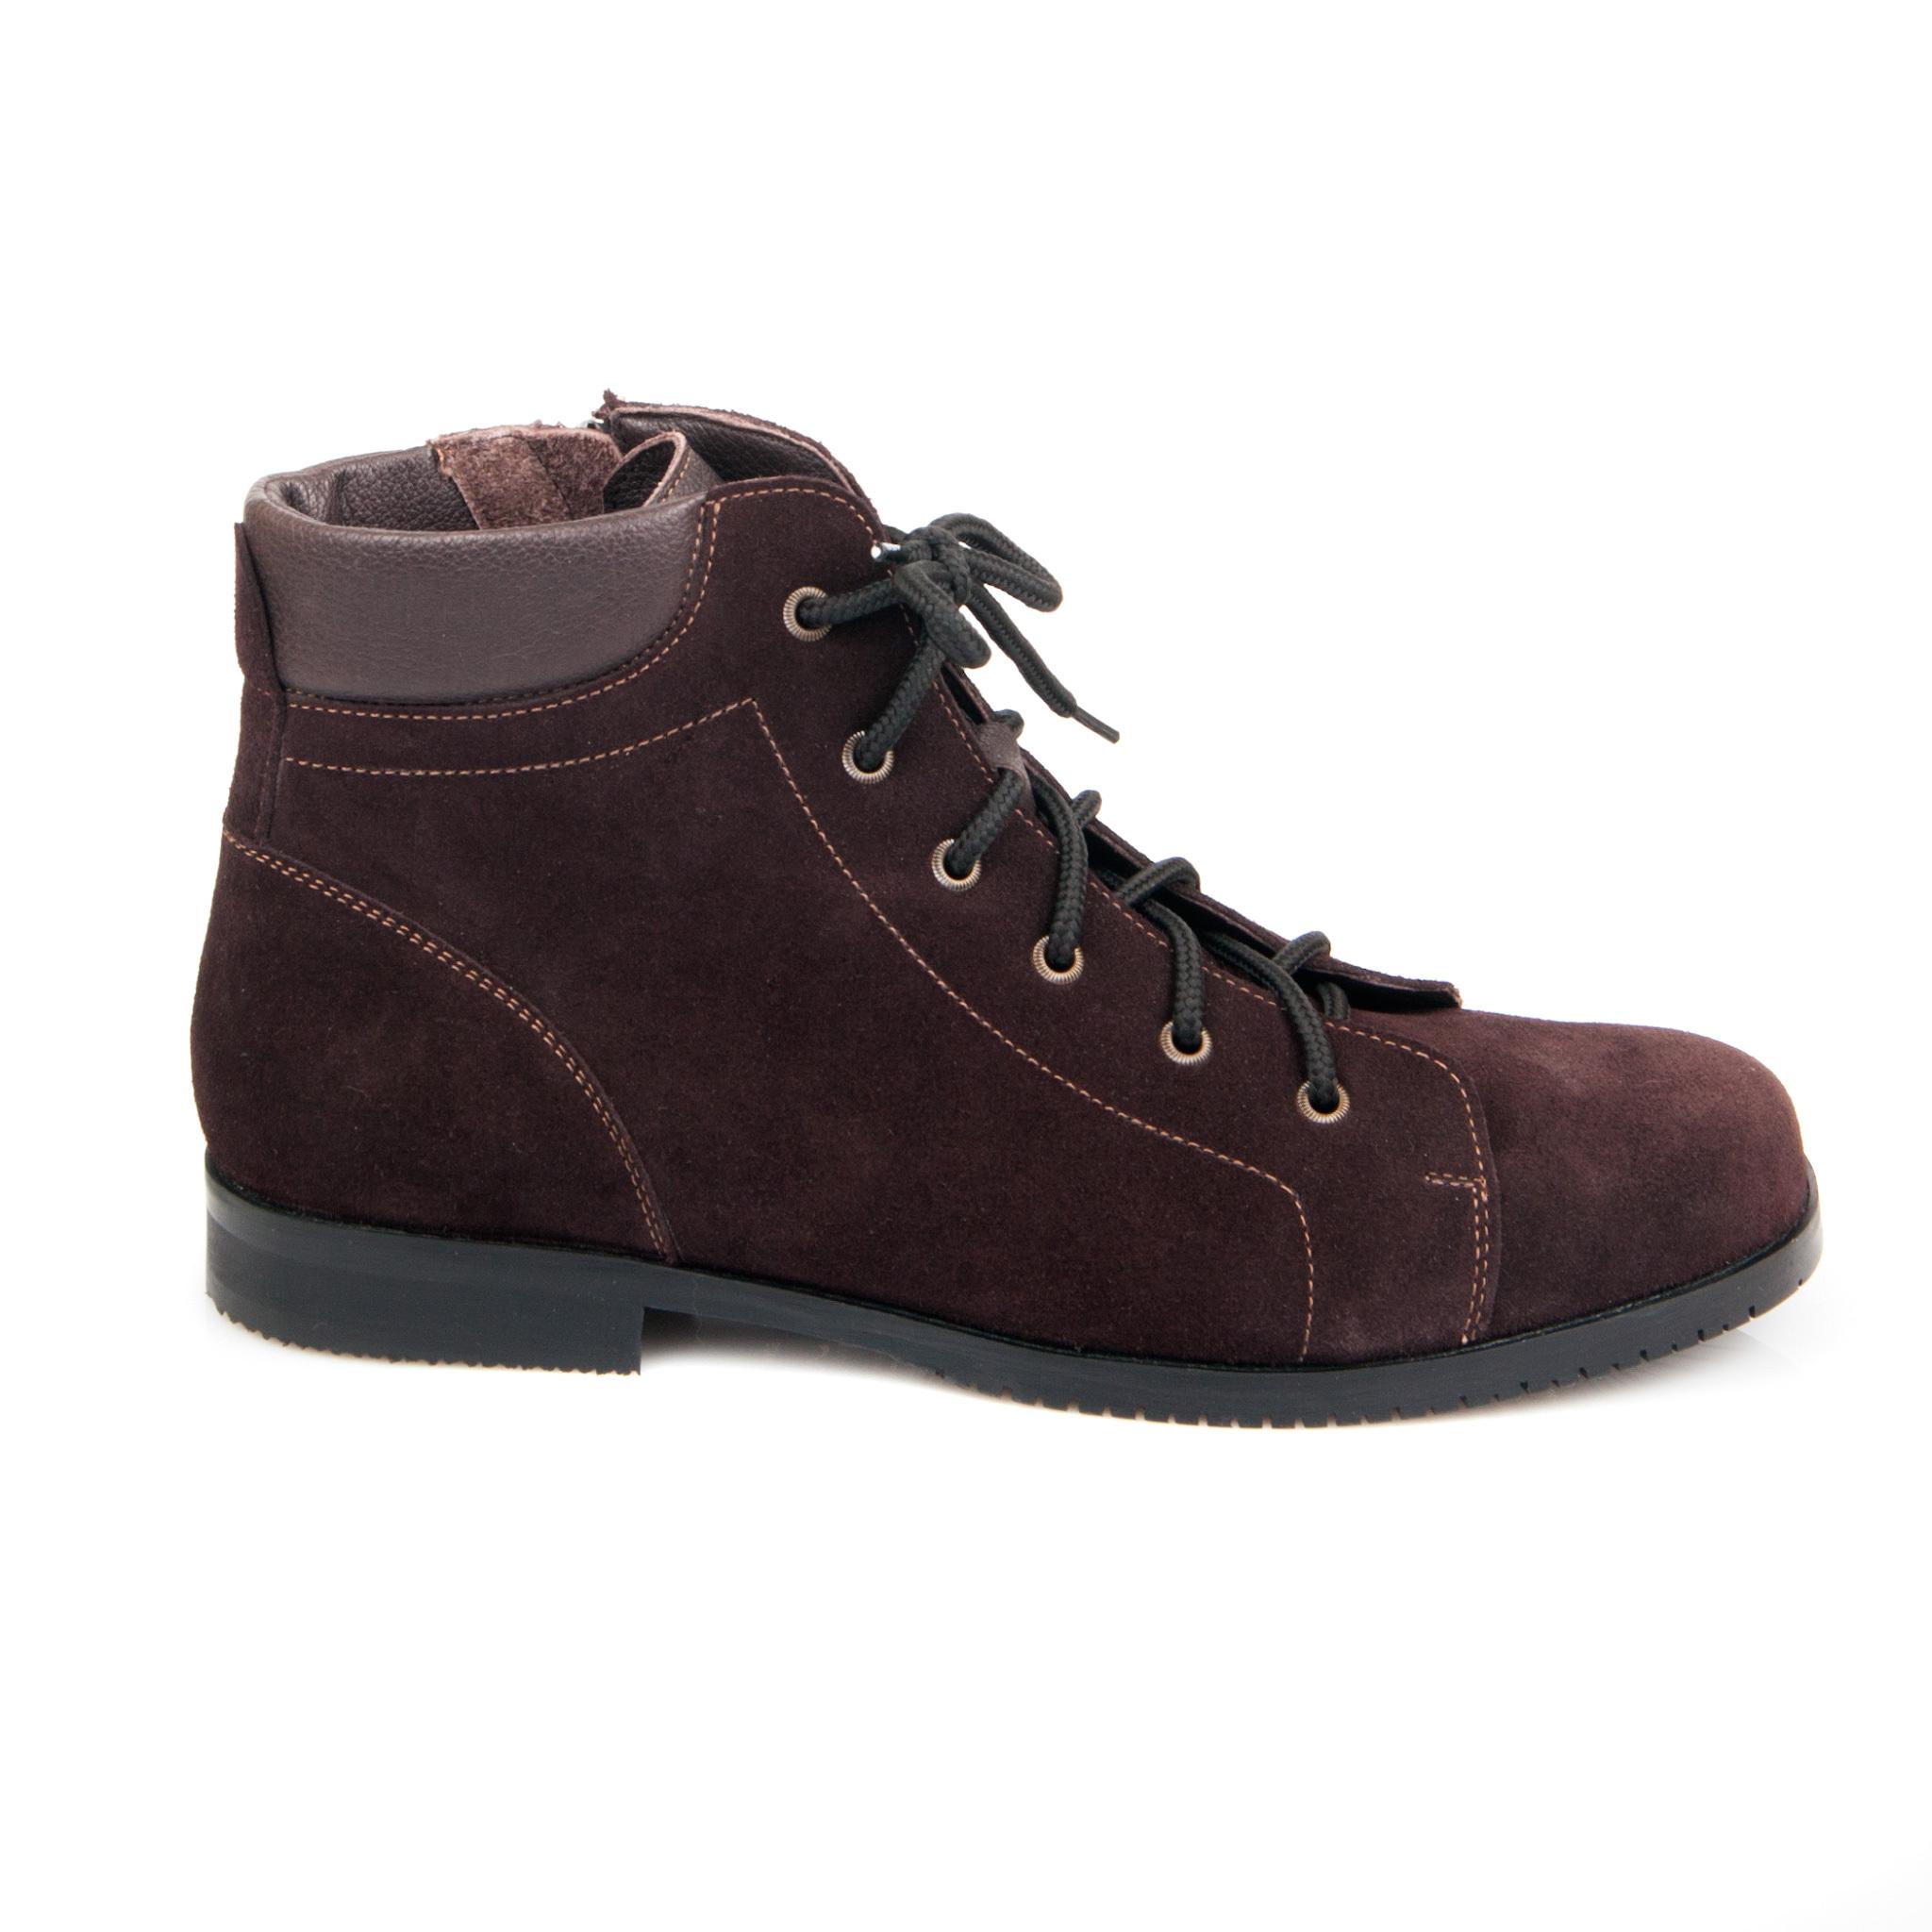 558370 ботинки женские коричневые больших размеров марки Делфино